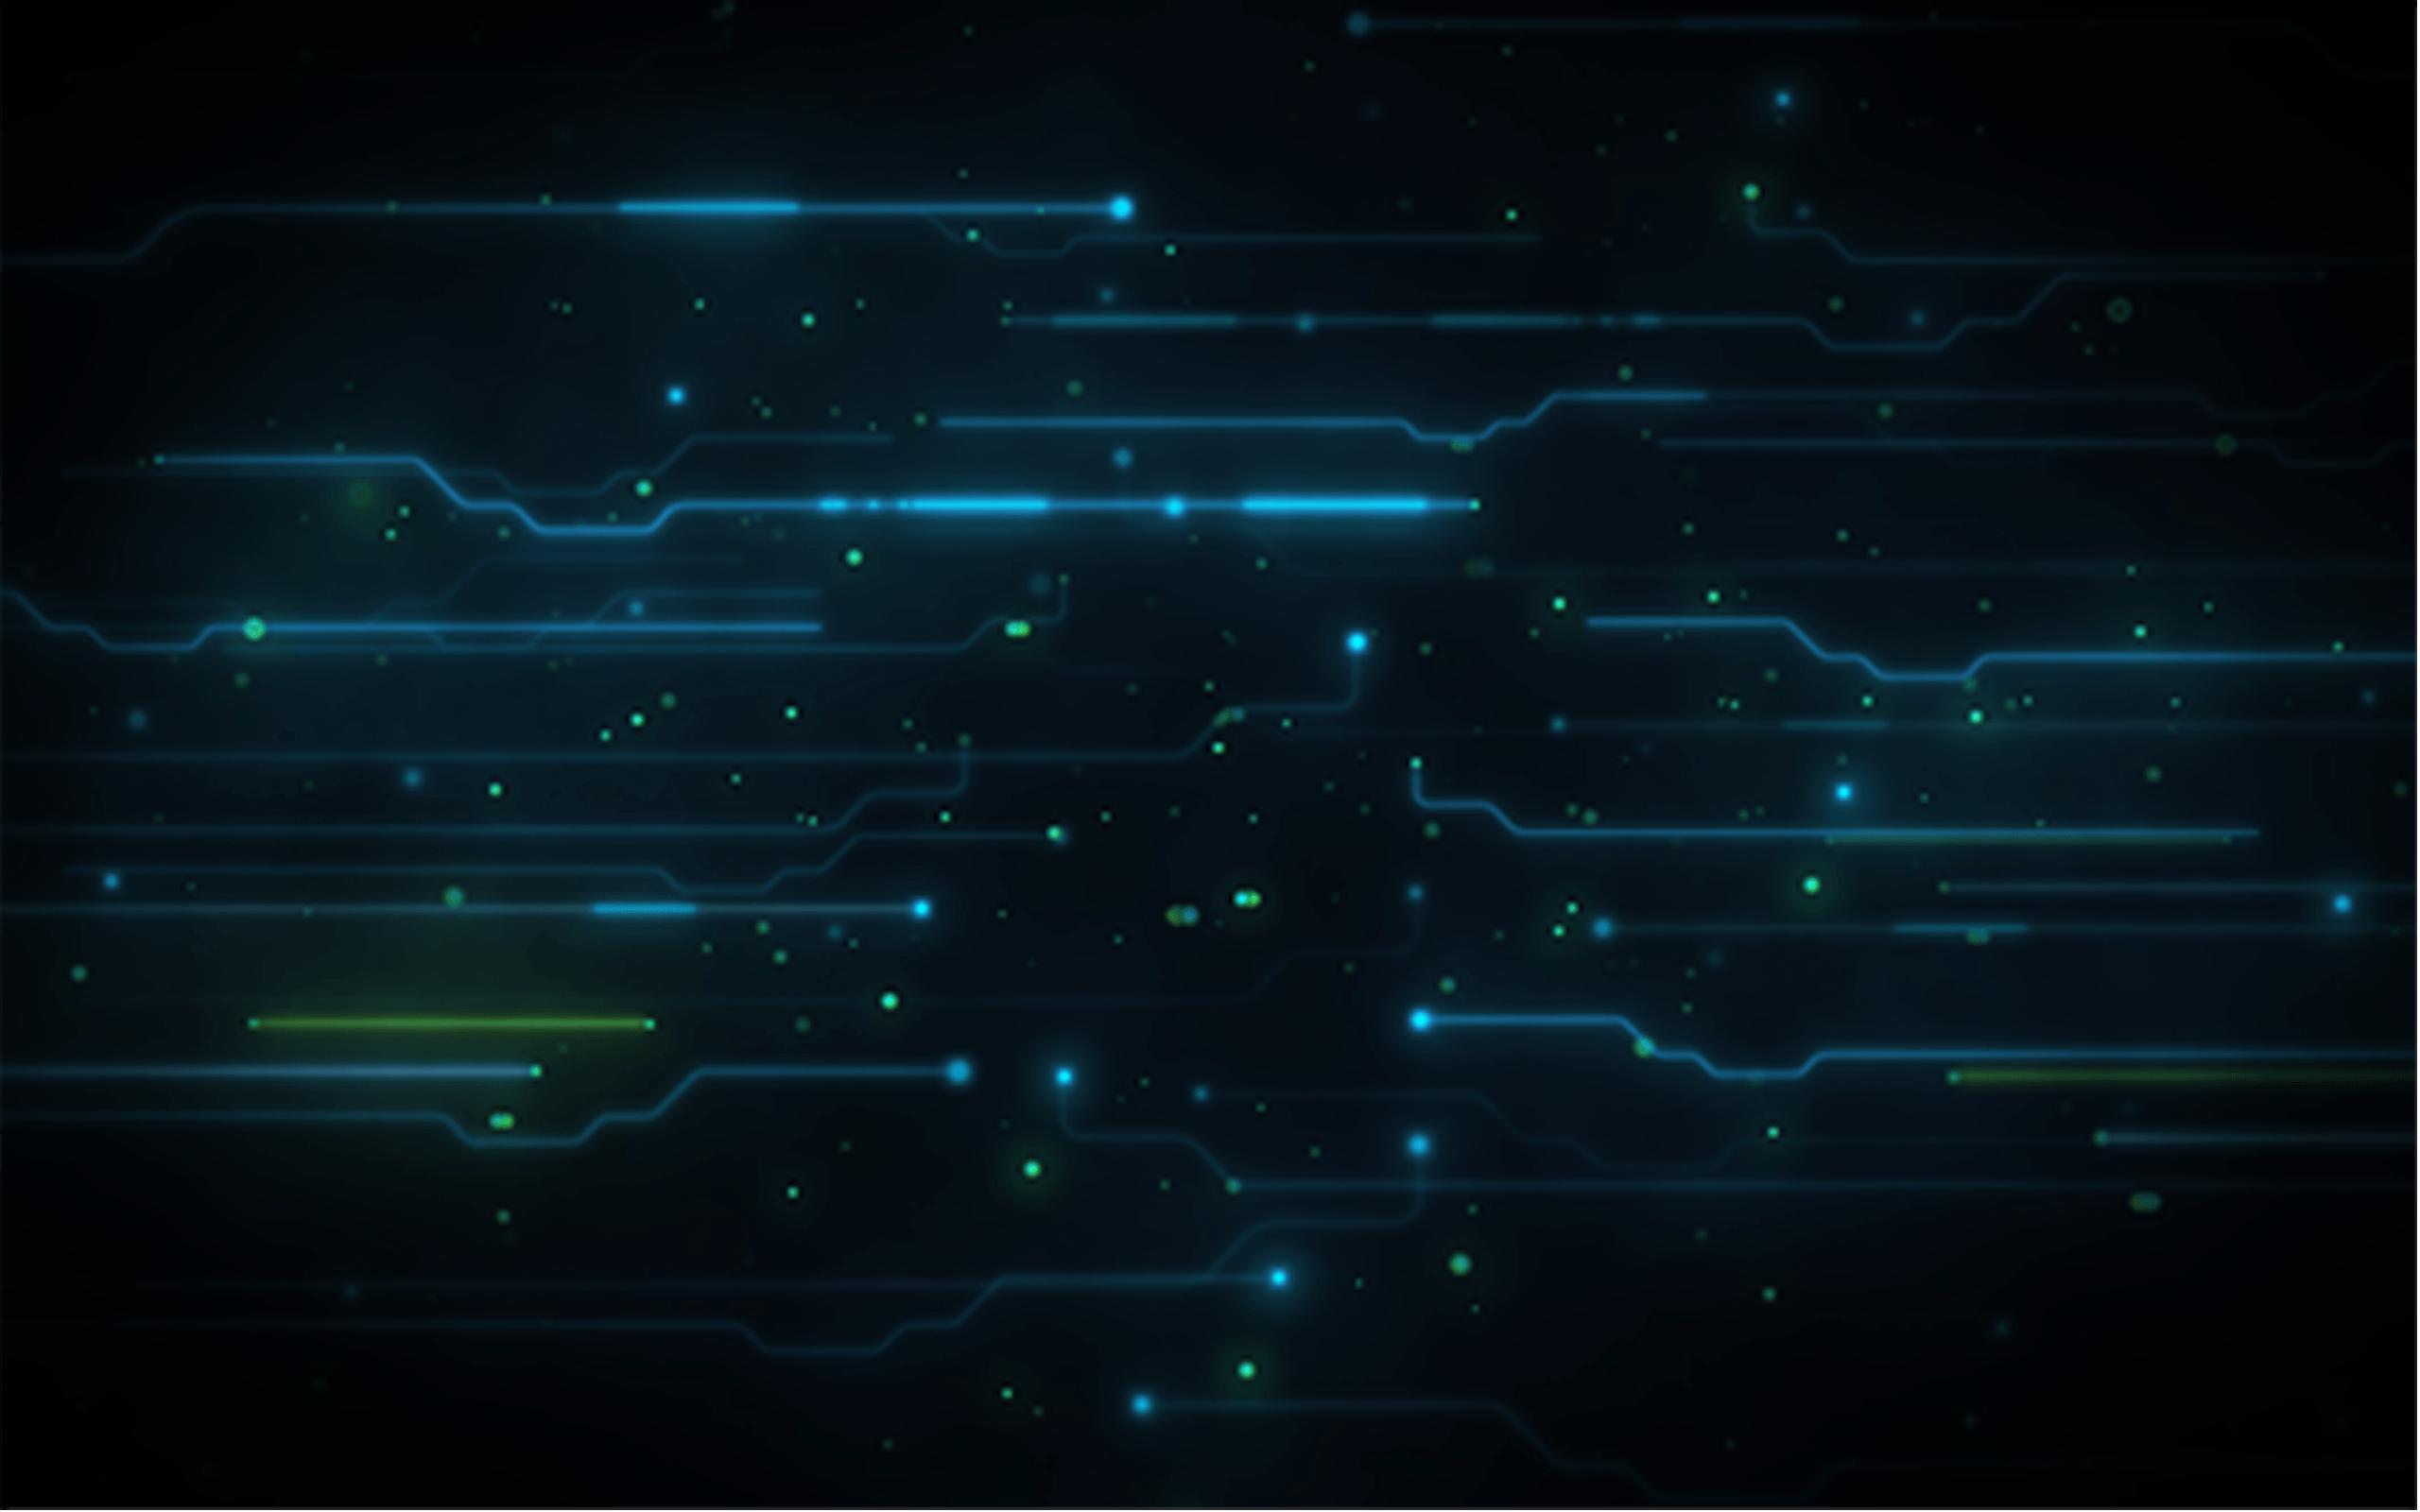 4K Tech Wallpapers   Top 4K Tech Backgrounds   WallpaperAccess 2560x1600